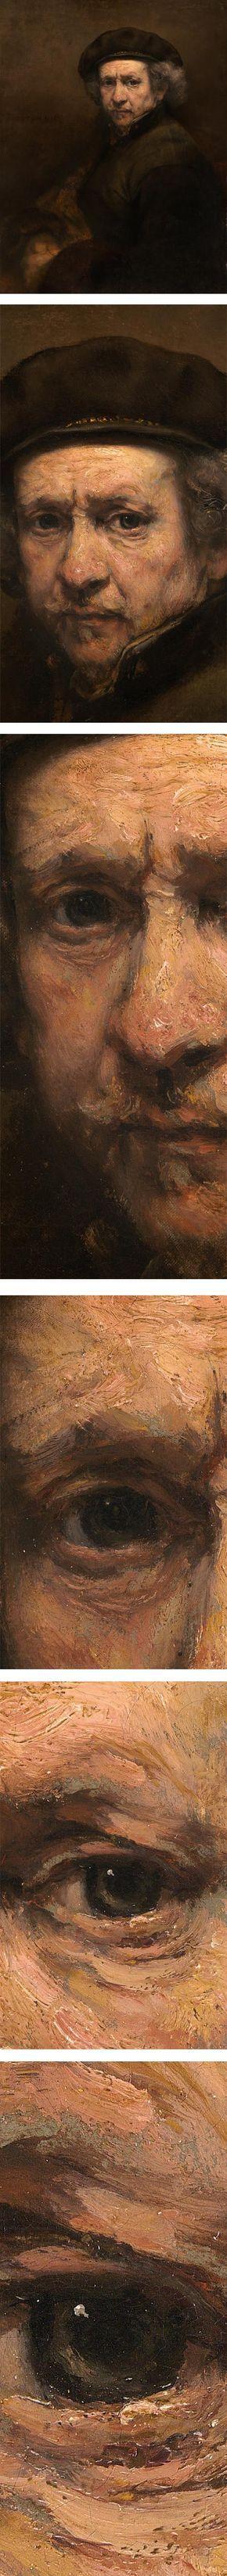 """Rembrandt self-portrait, no viajo a Italia pero tenía conocimiento de la obra de Tiziano, fue determinante para su pintura el conocimiento de la pintura veneciana, lo que explica la """"manera áspera"""" que es como se llamaba en el siglo XVII la pintura a base de manchas y materia pictórica creando una superficie rugosa.  Muy lejos de las pinceladas imposibles de apreciar de otros pintores flamencos a la """"manera fina"""""""